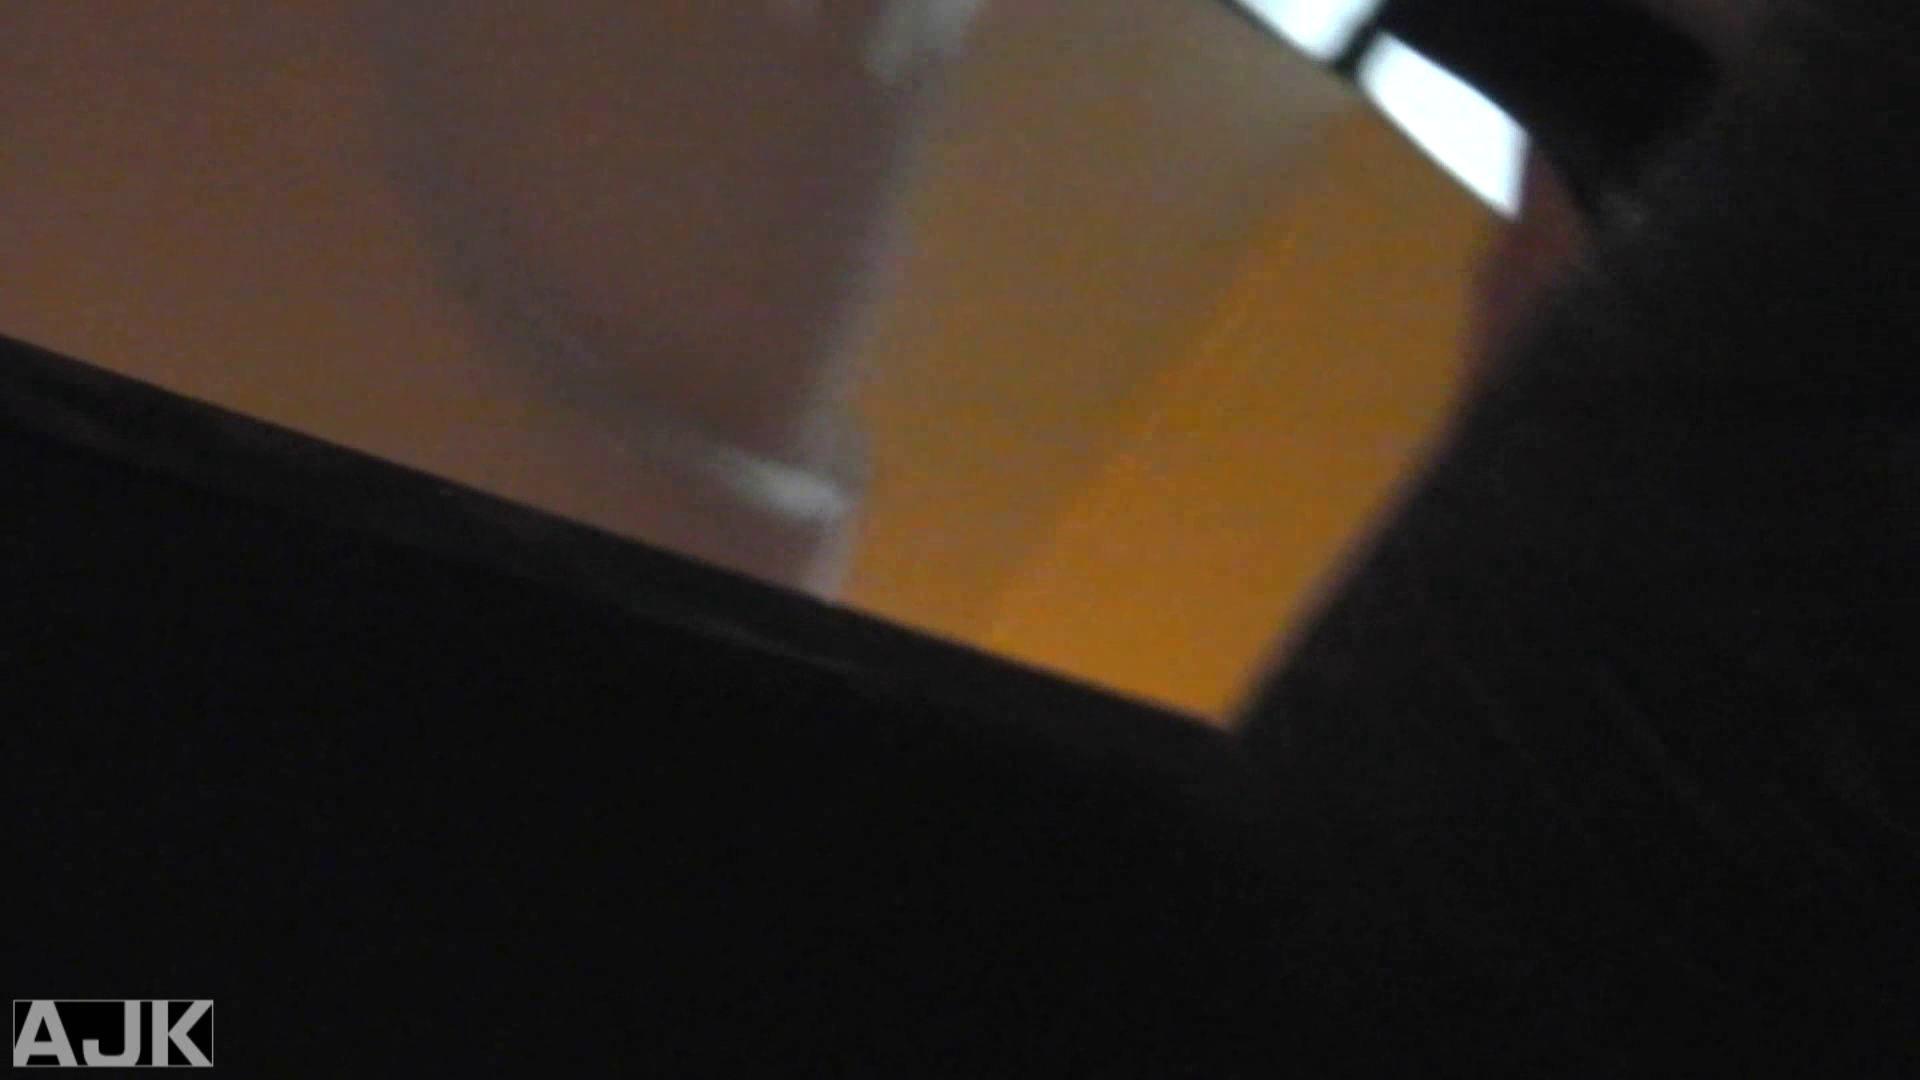 隣国上階級エリアの令嬢たちが集うデパートお手洗い Vol.25 おまんこ AV動画キャプチャ 94枚 65